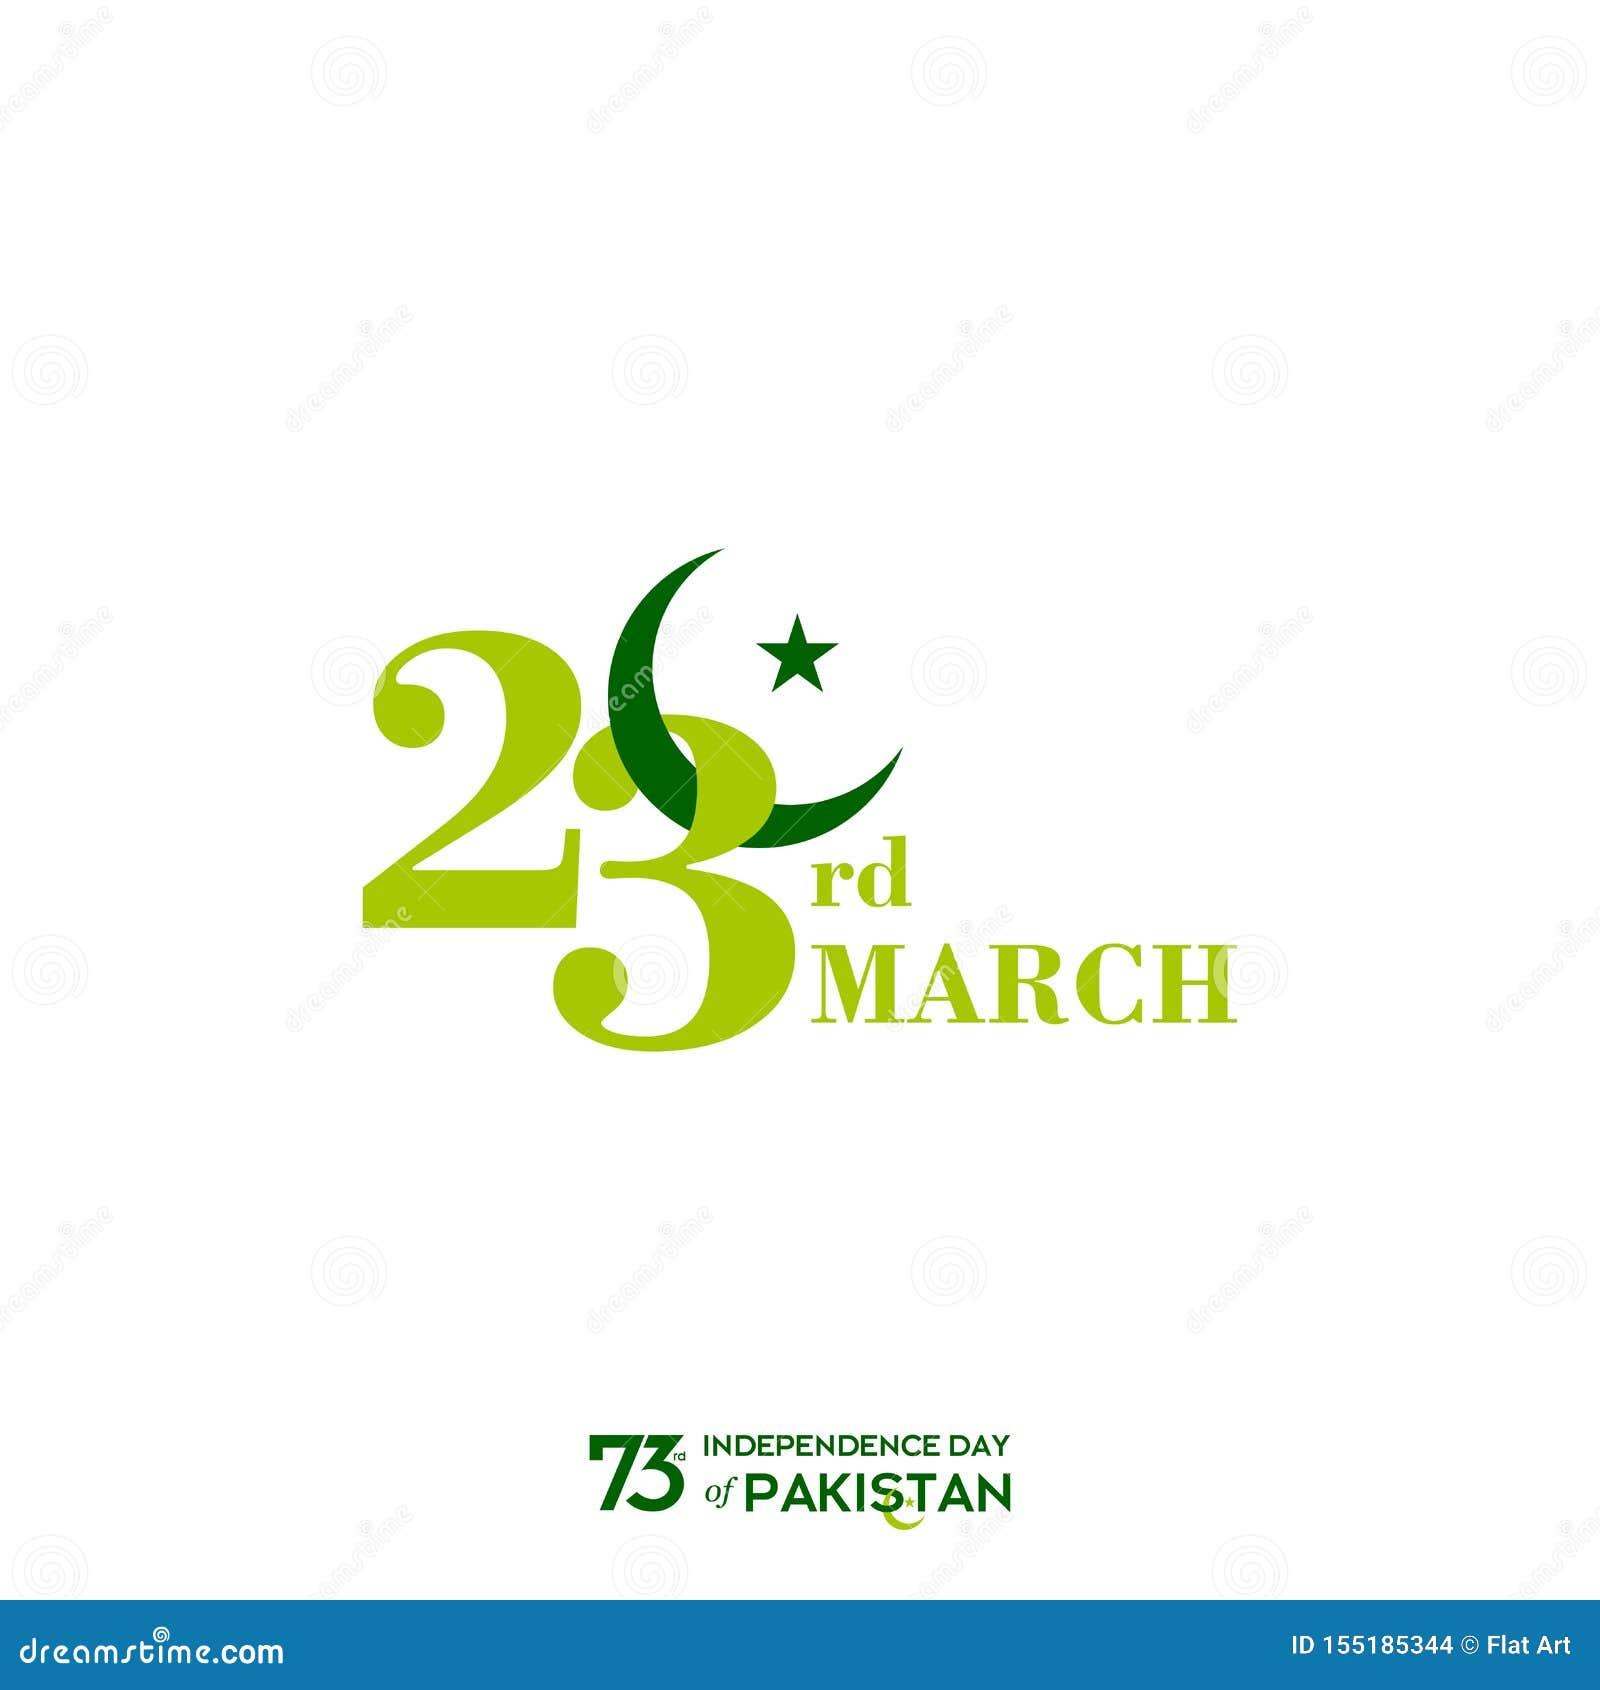 Σχέδιο τυπογραφίας ημέρας της ανεξαρτησίας του Πακιστάν Δημιουργική τυπογραφία της 73ης ευτυχούς ημέρας της ανεξαρτησίας του διαν